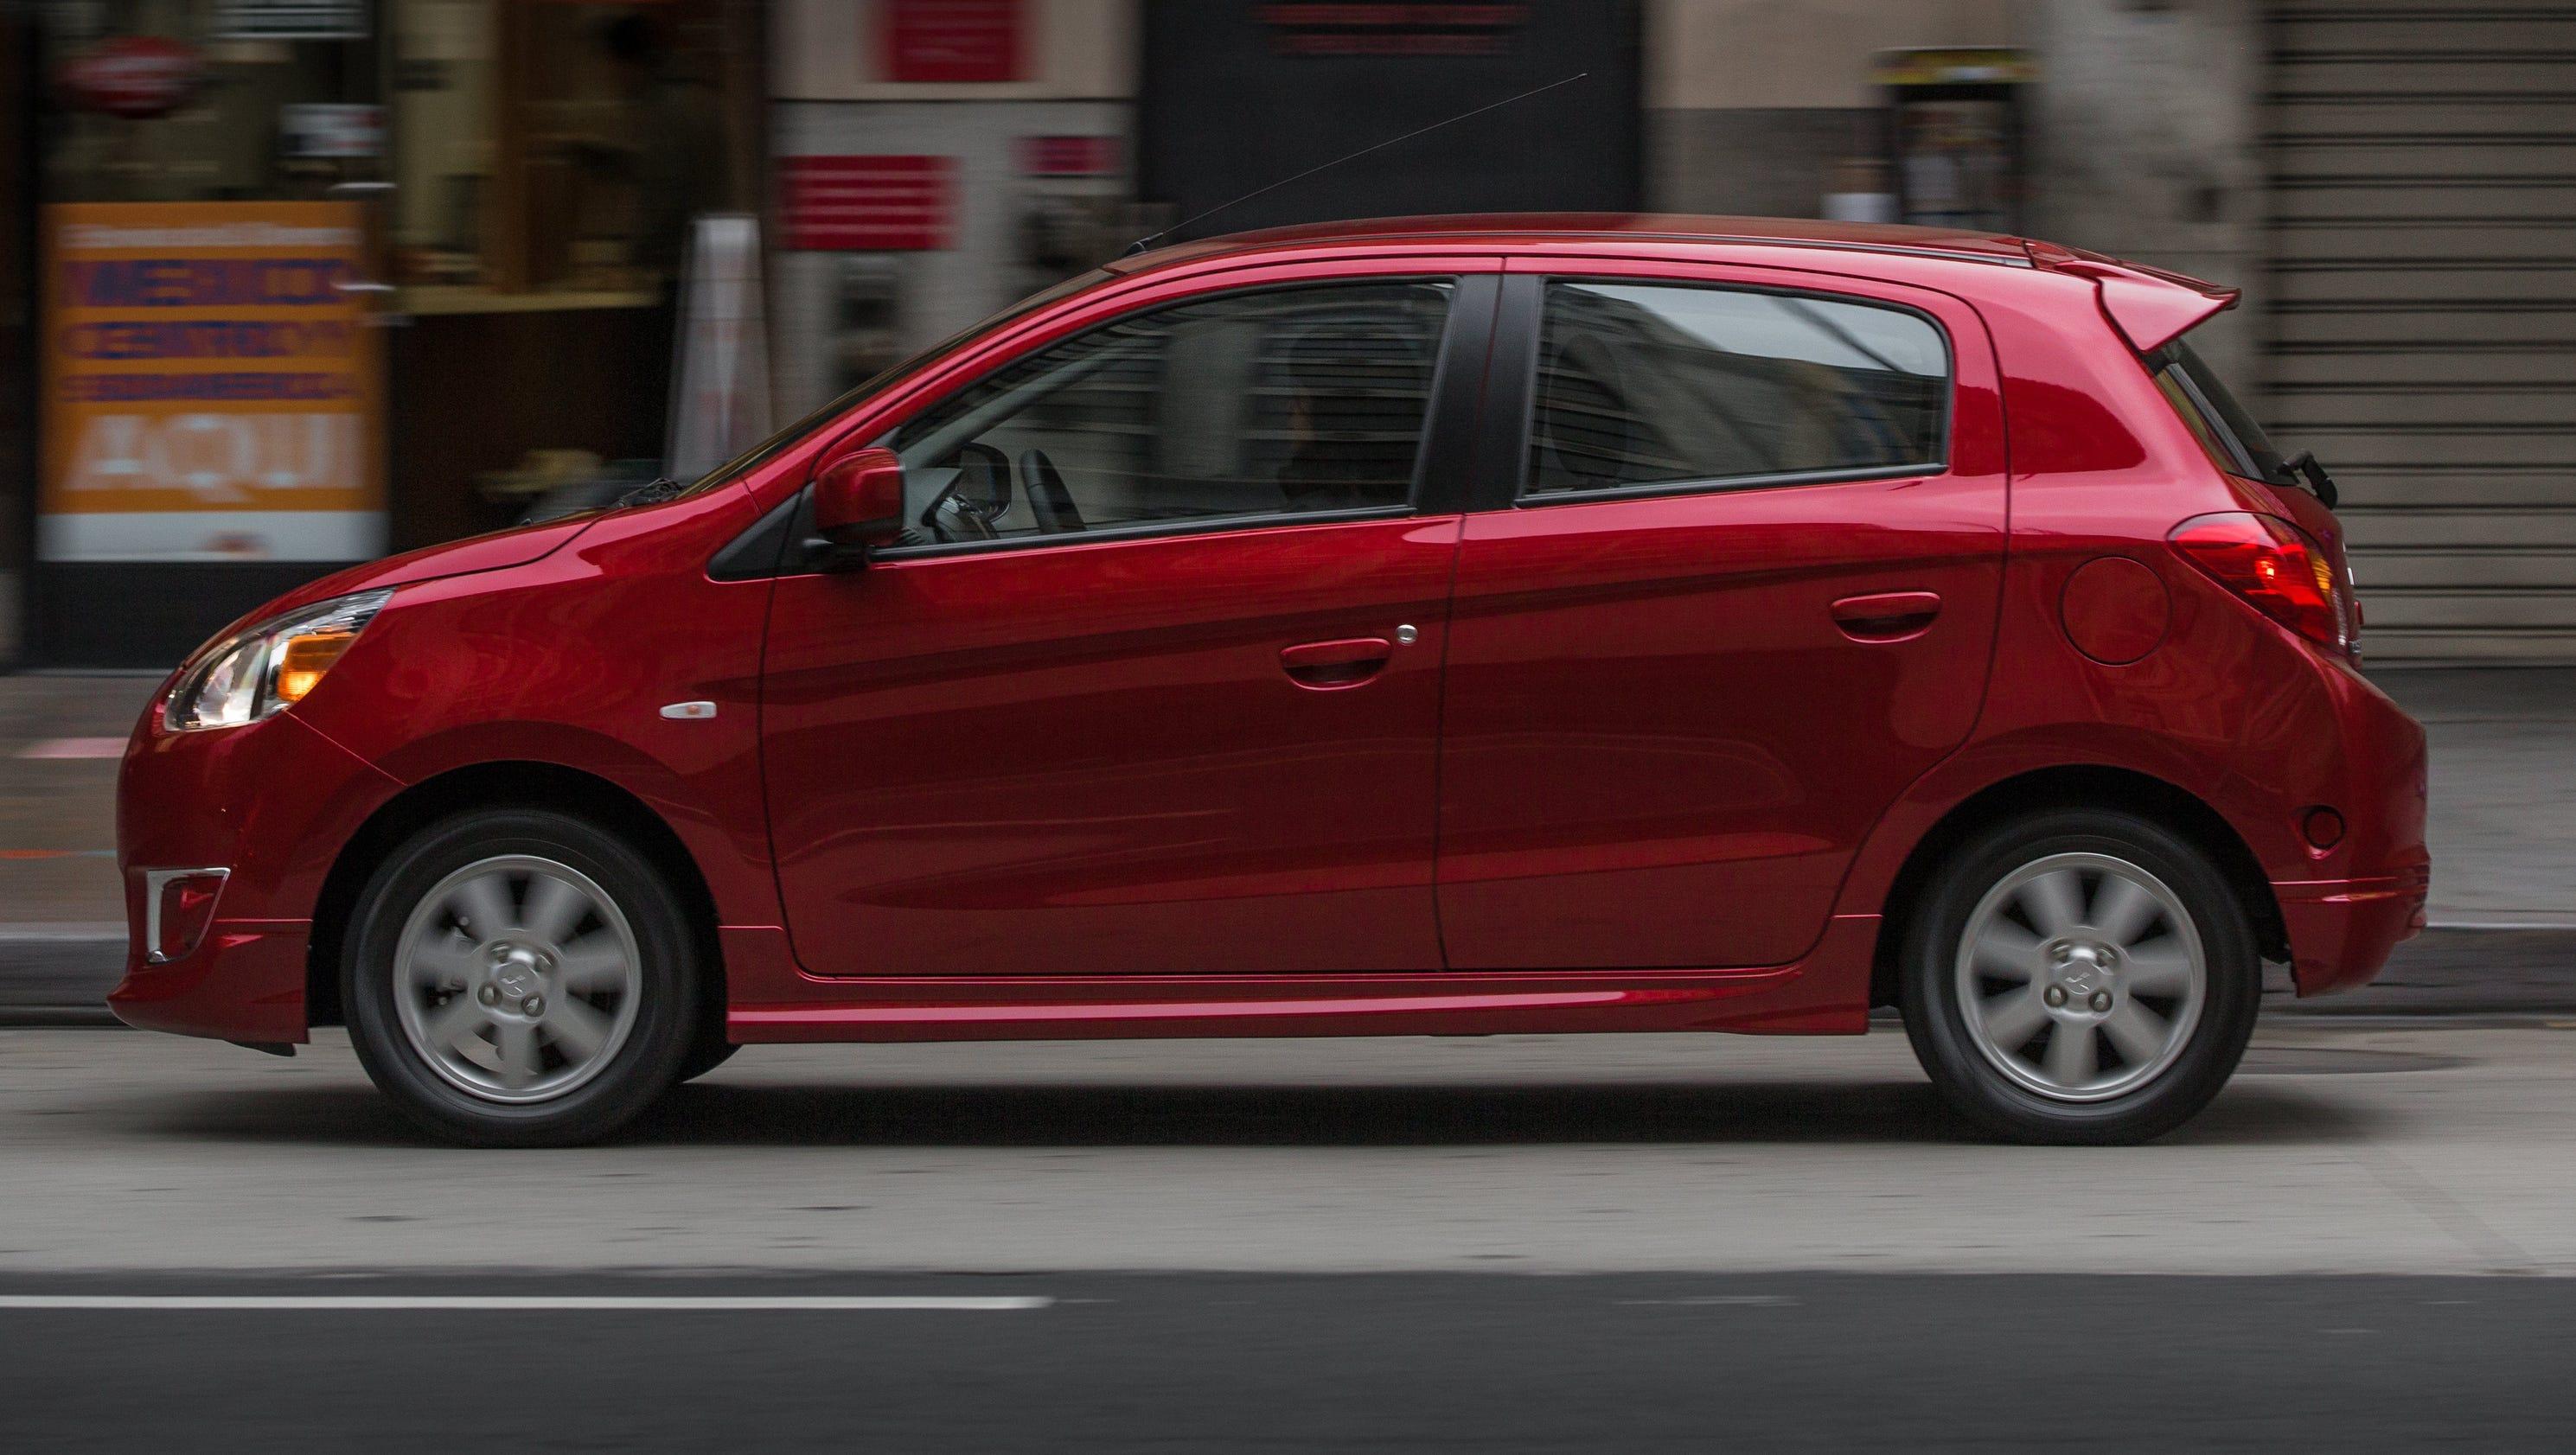 Mitsubishi 3-cyl. Mirage rated 44 mpg, starts at $13,790